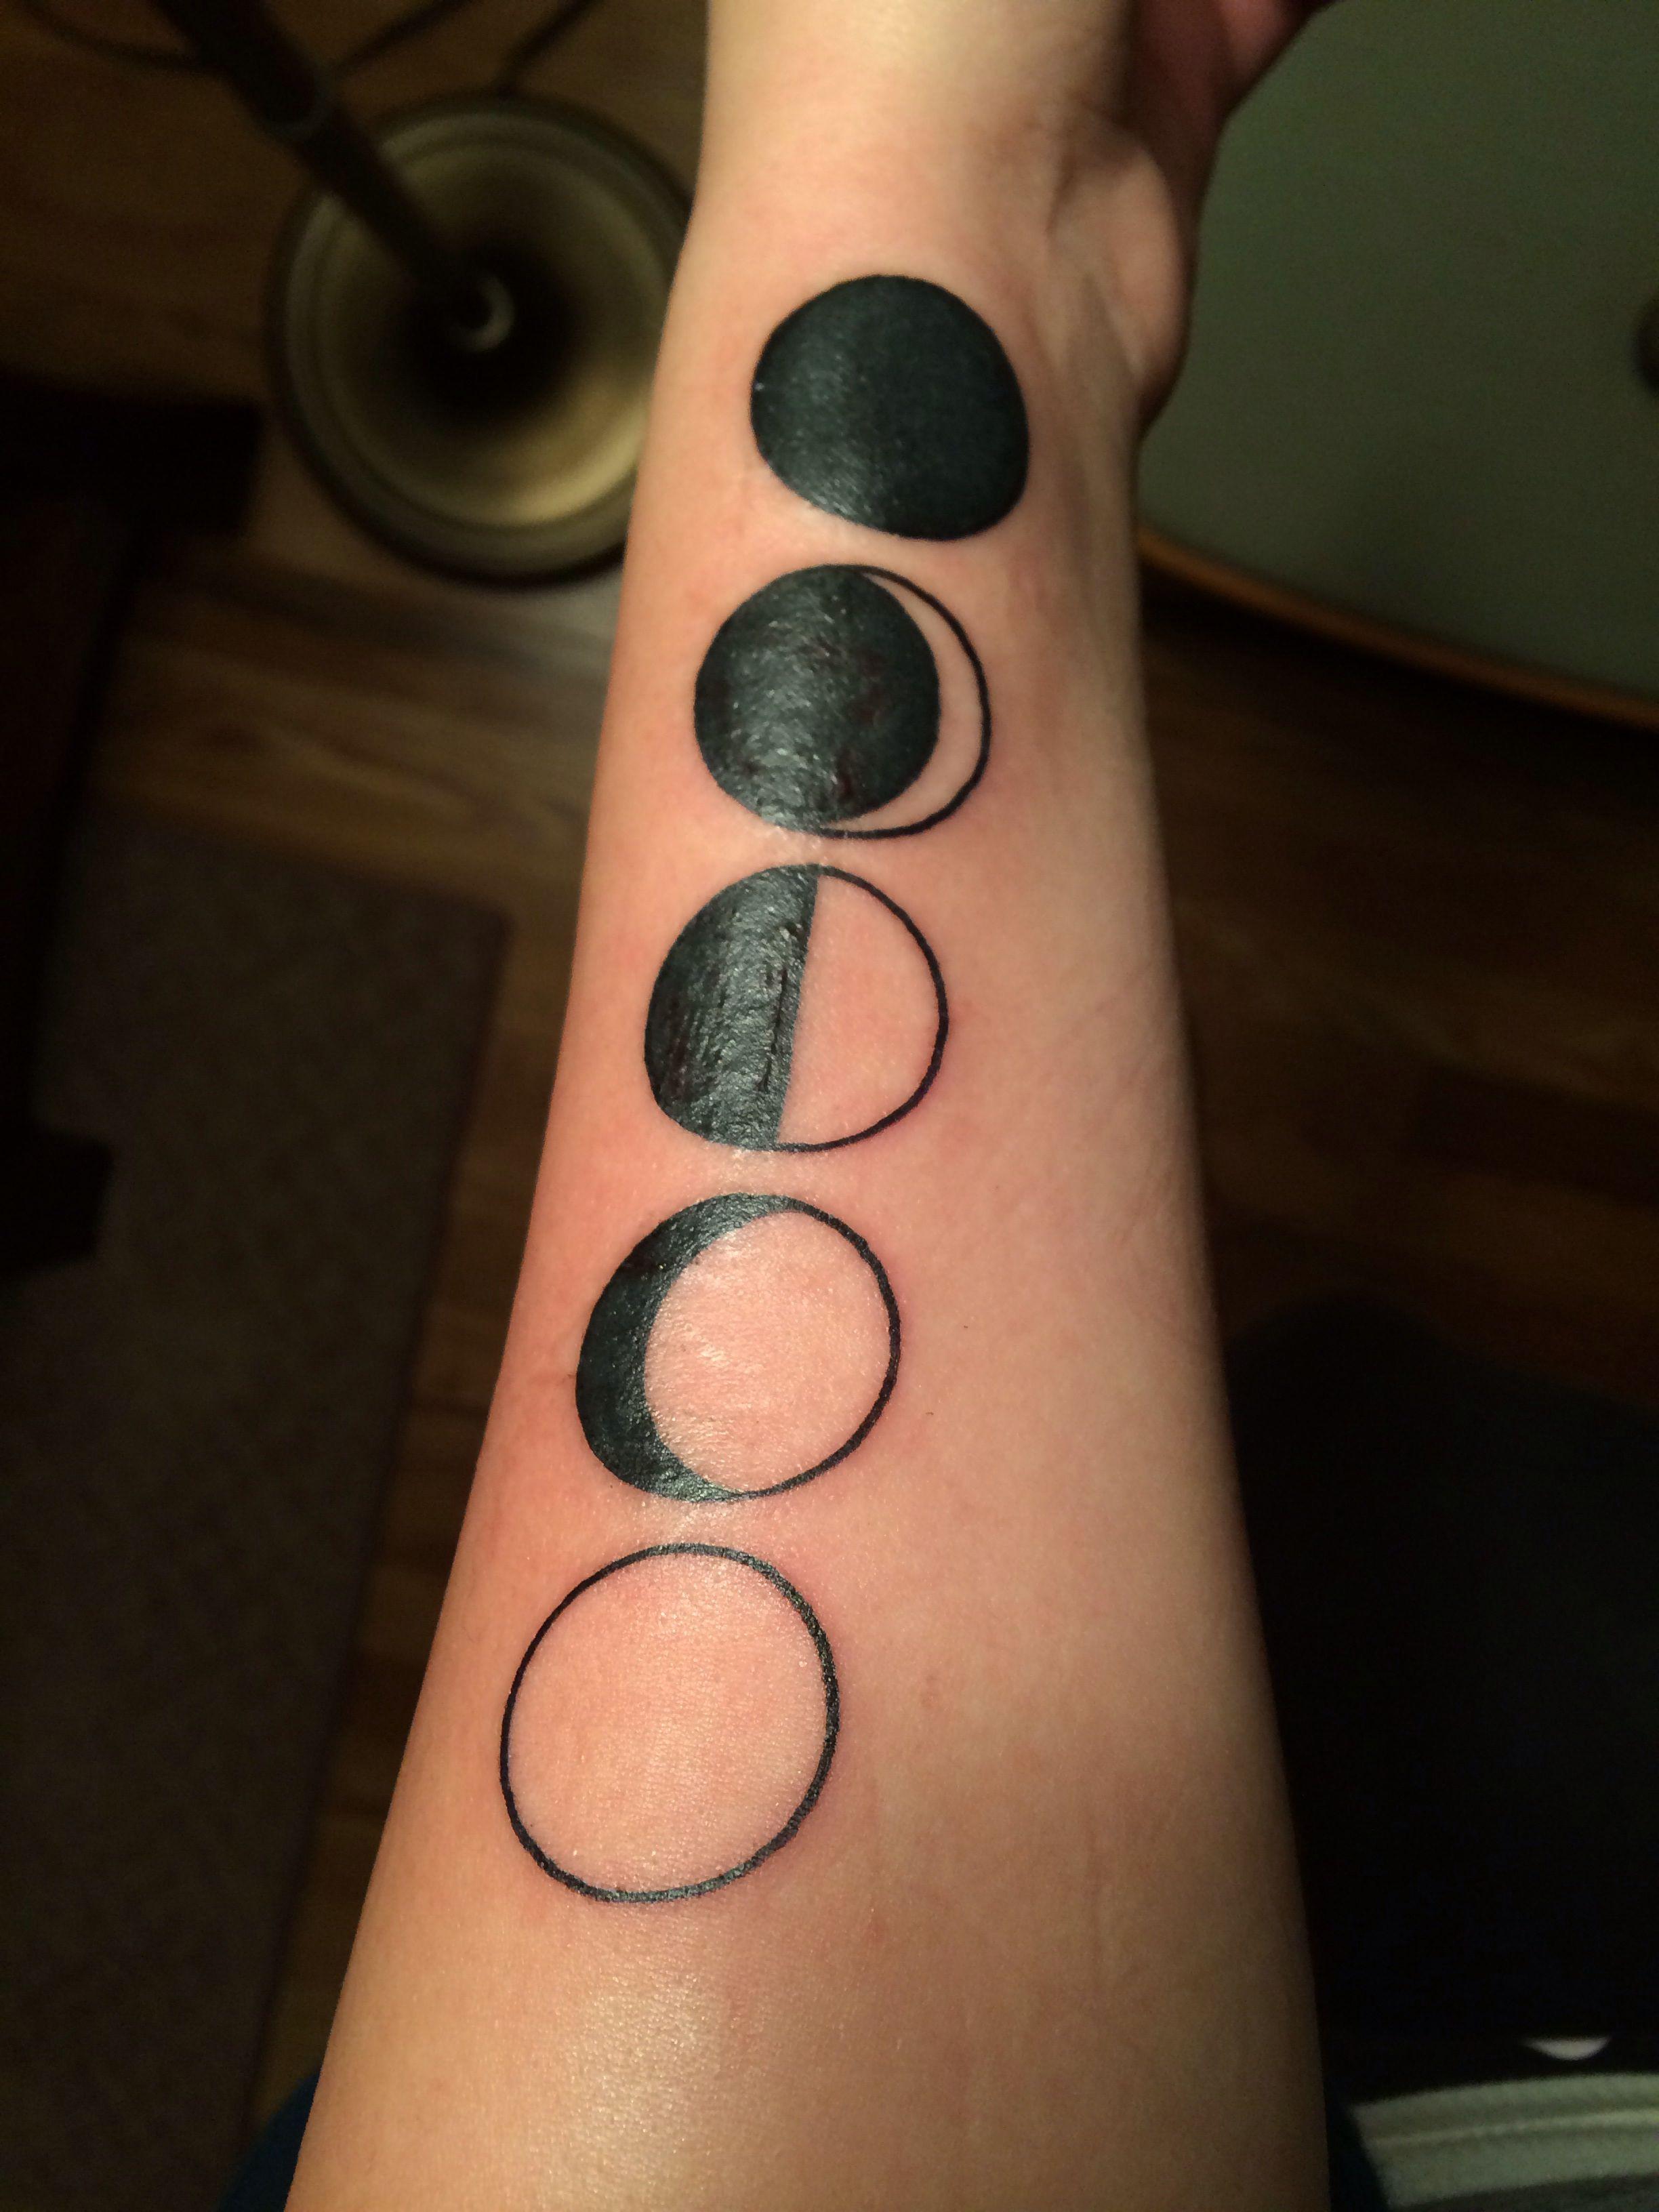 Moon phase tattoo   Tattoos   Tattoos, Fish tattoos, Ink